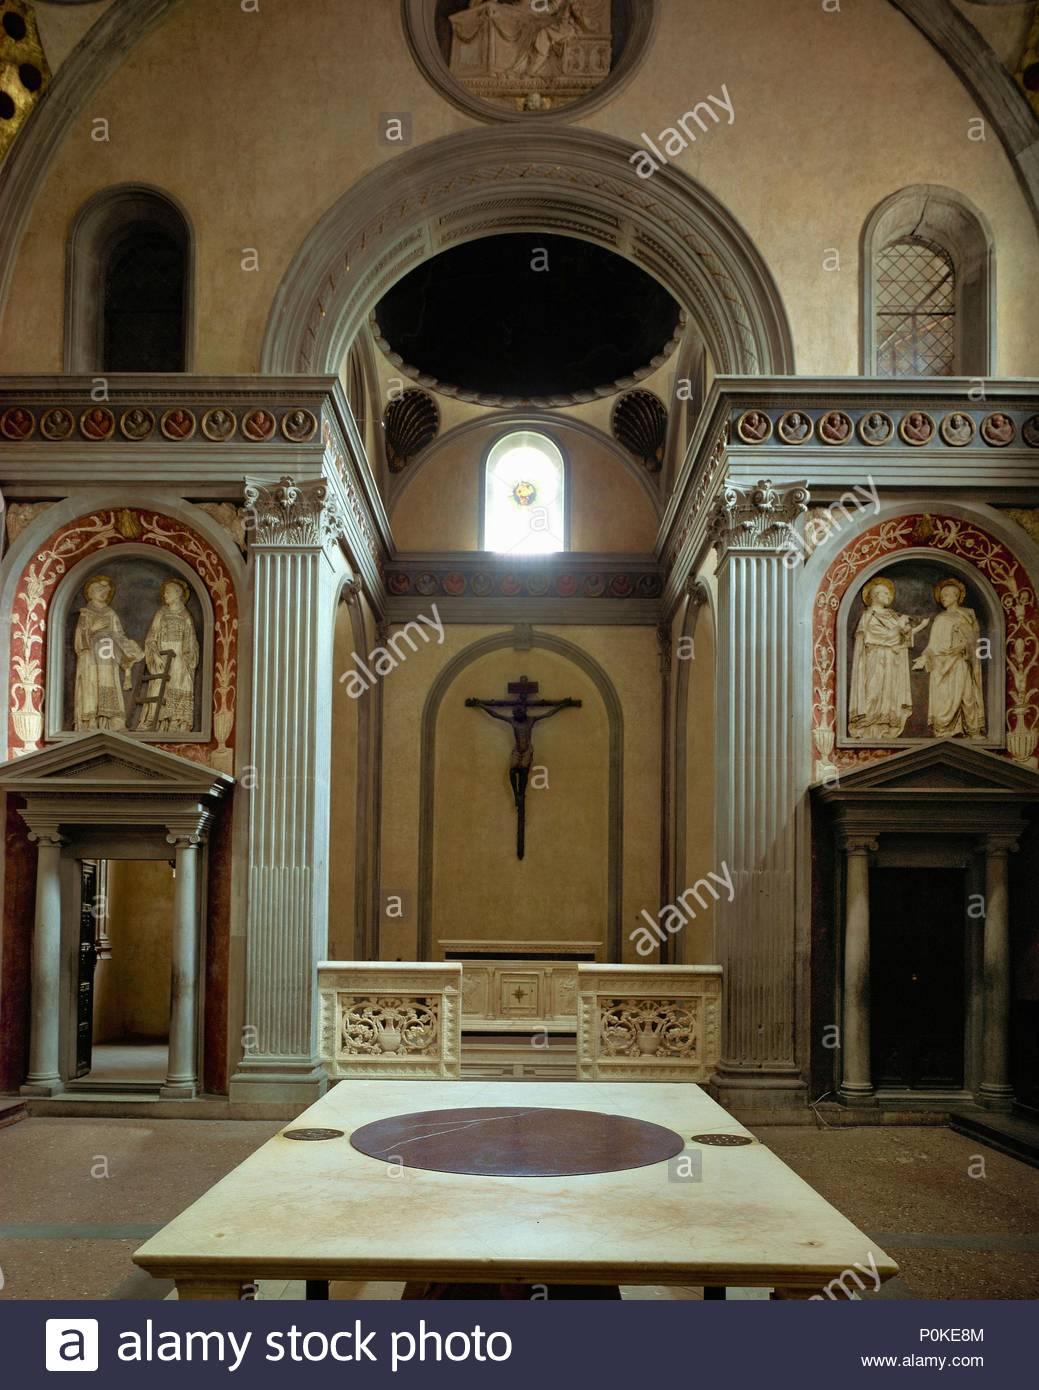 San lorenzo e sagrestia vecchia la sagrestia vecchia con for Sagrestia vecchia